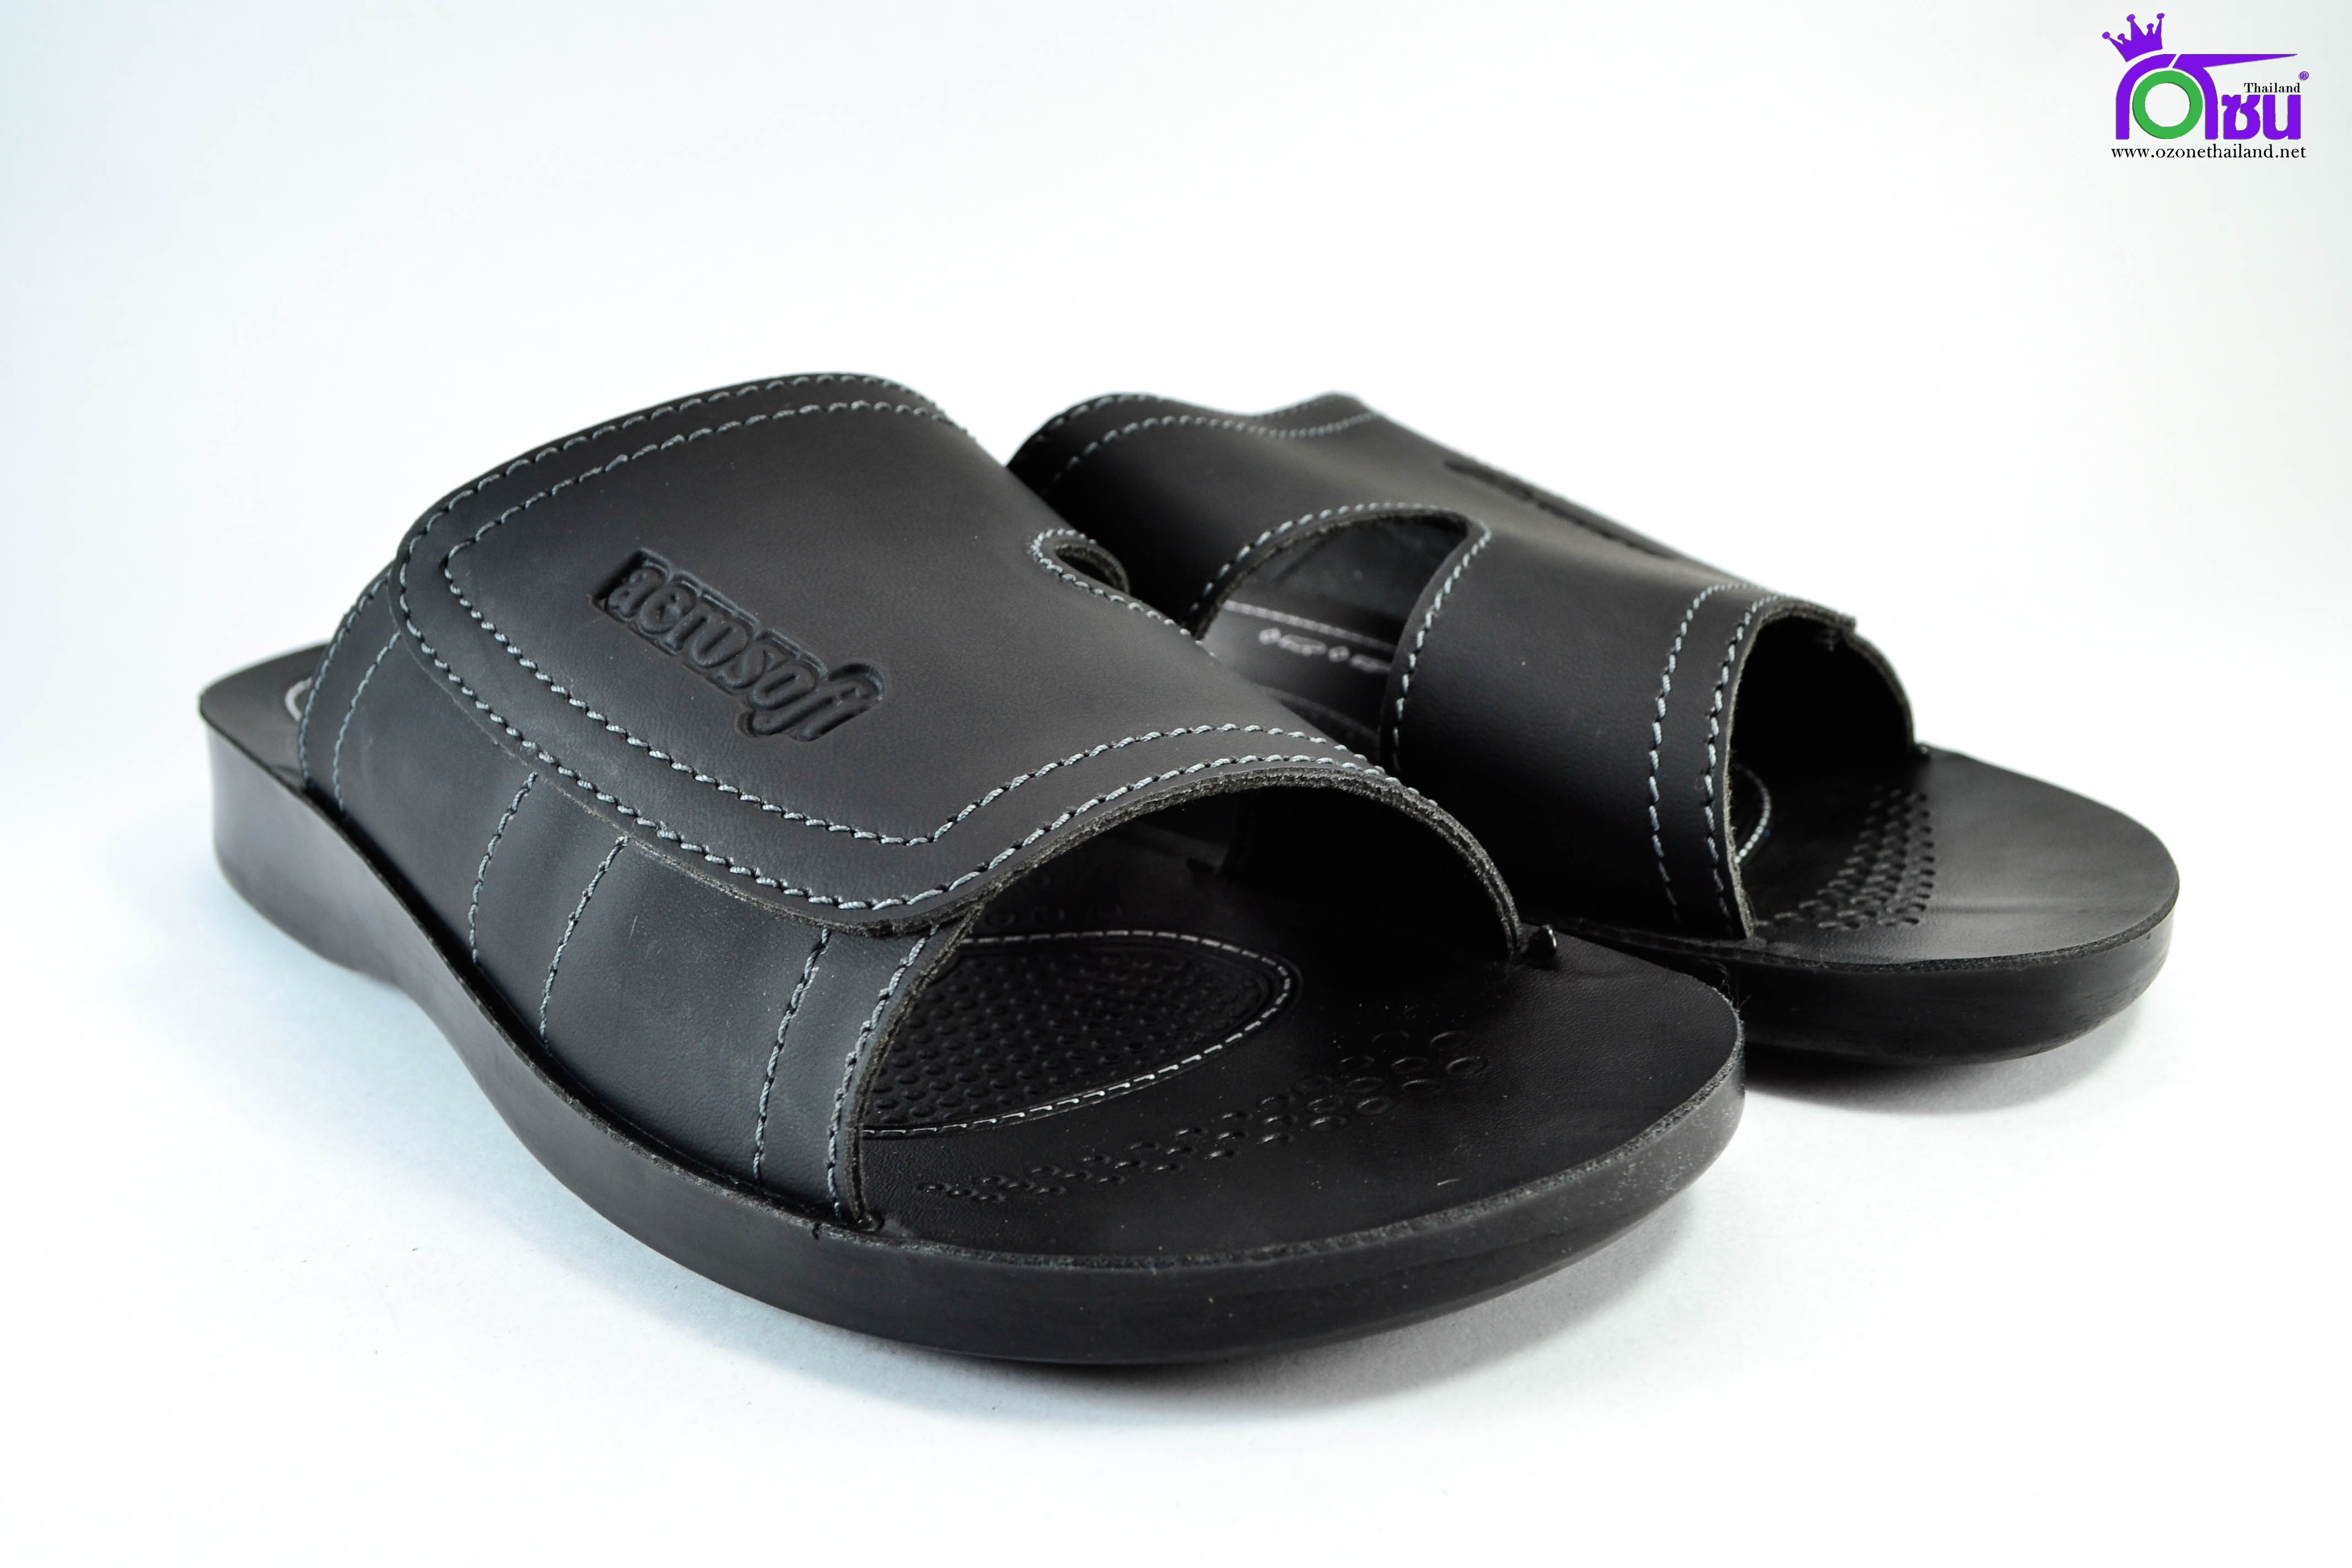 รองเท้าหนัง Aerosoft 8181 ดำ